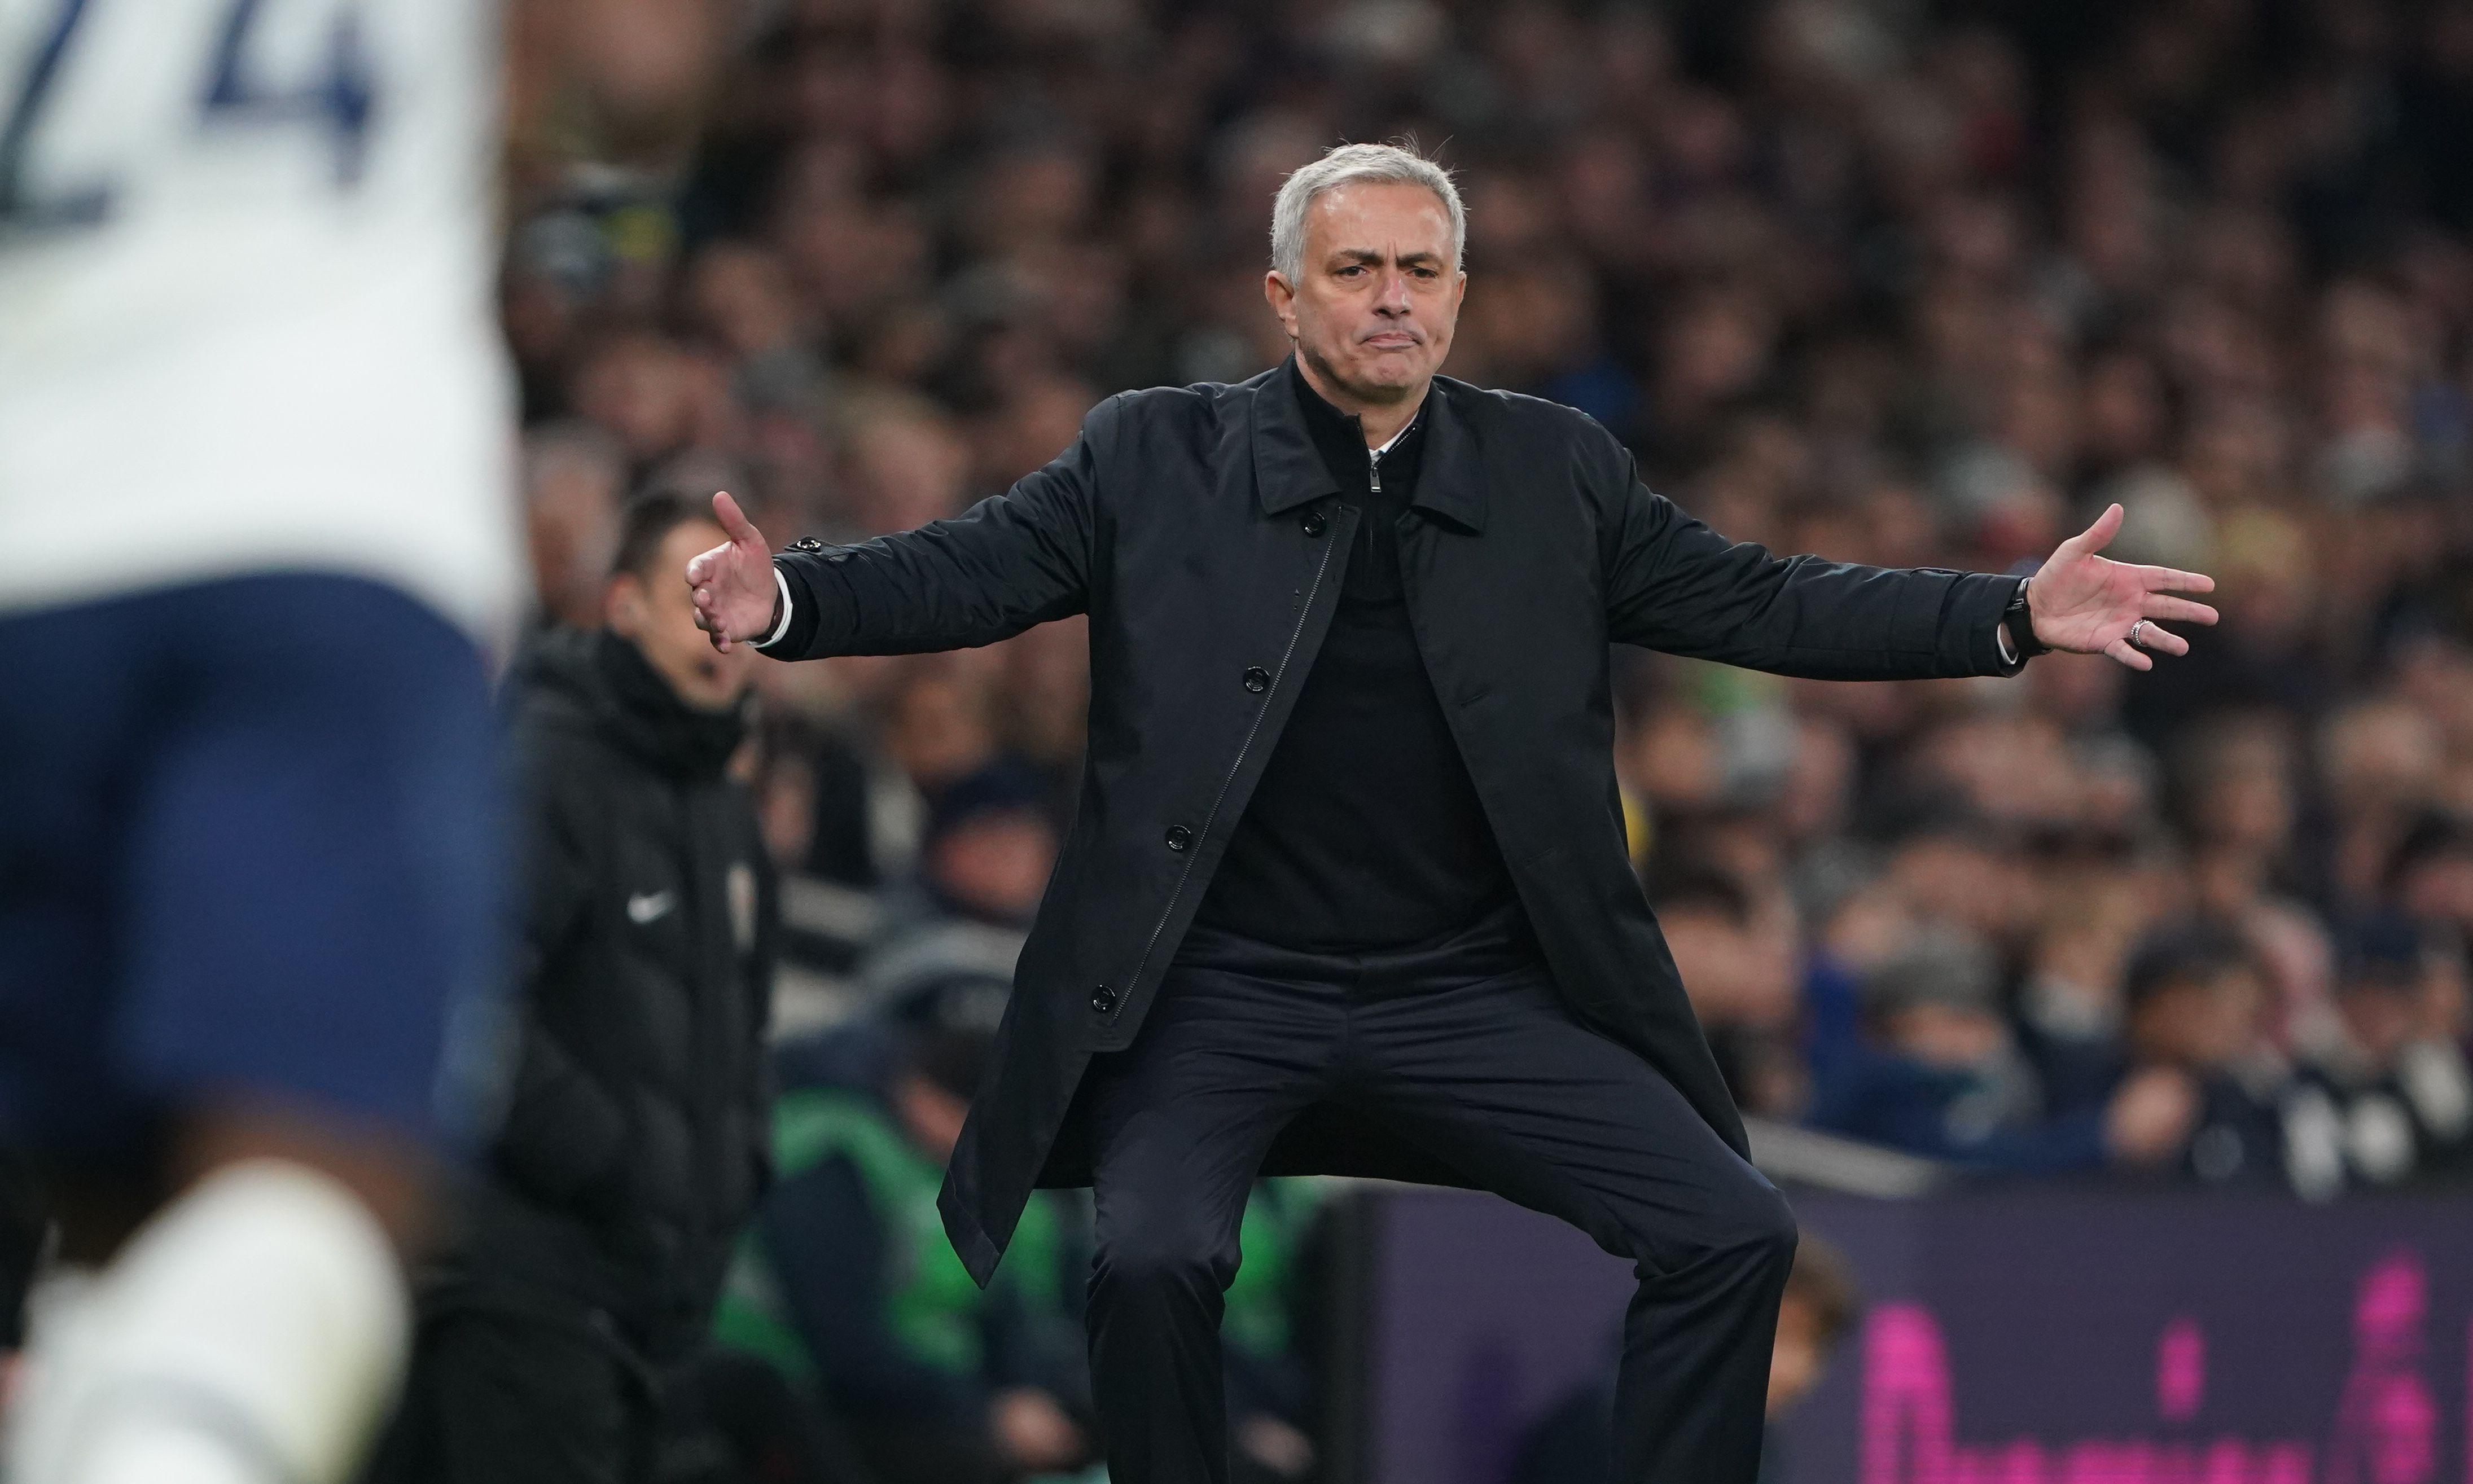 Managers' shorter shelf lives make José Mourinho the man of the moment